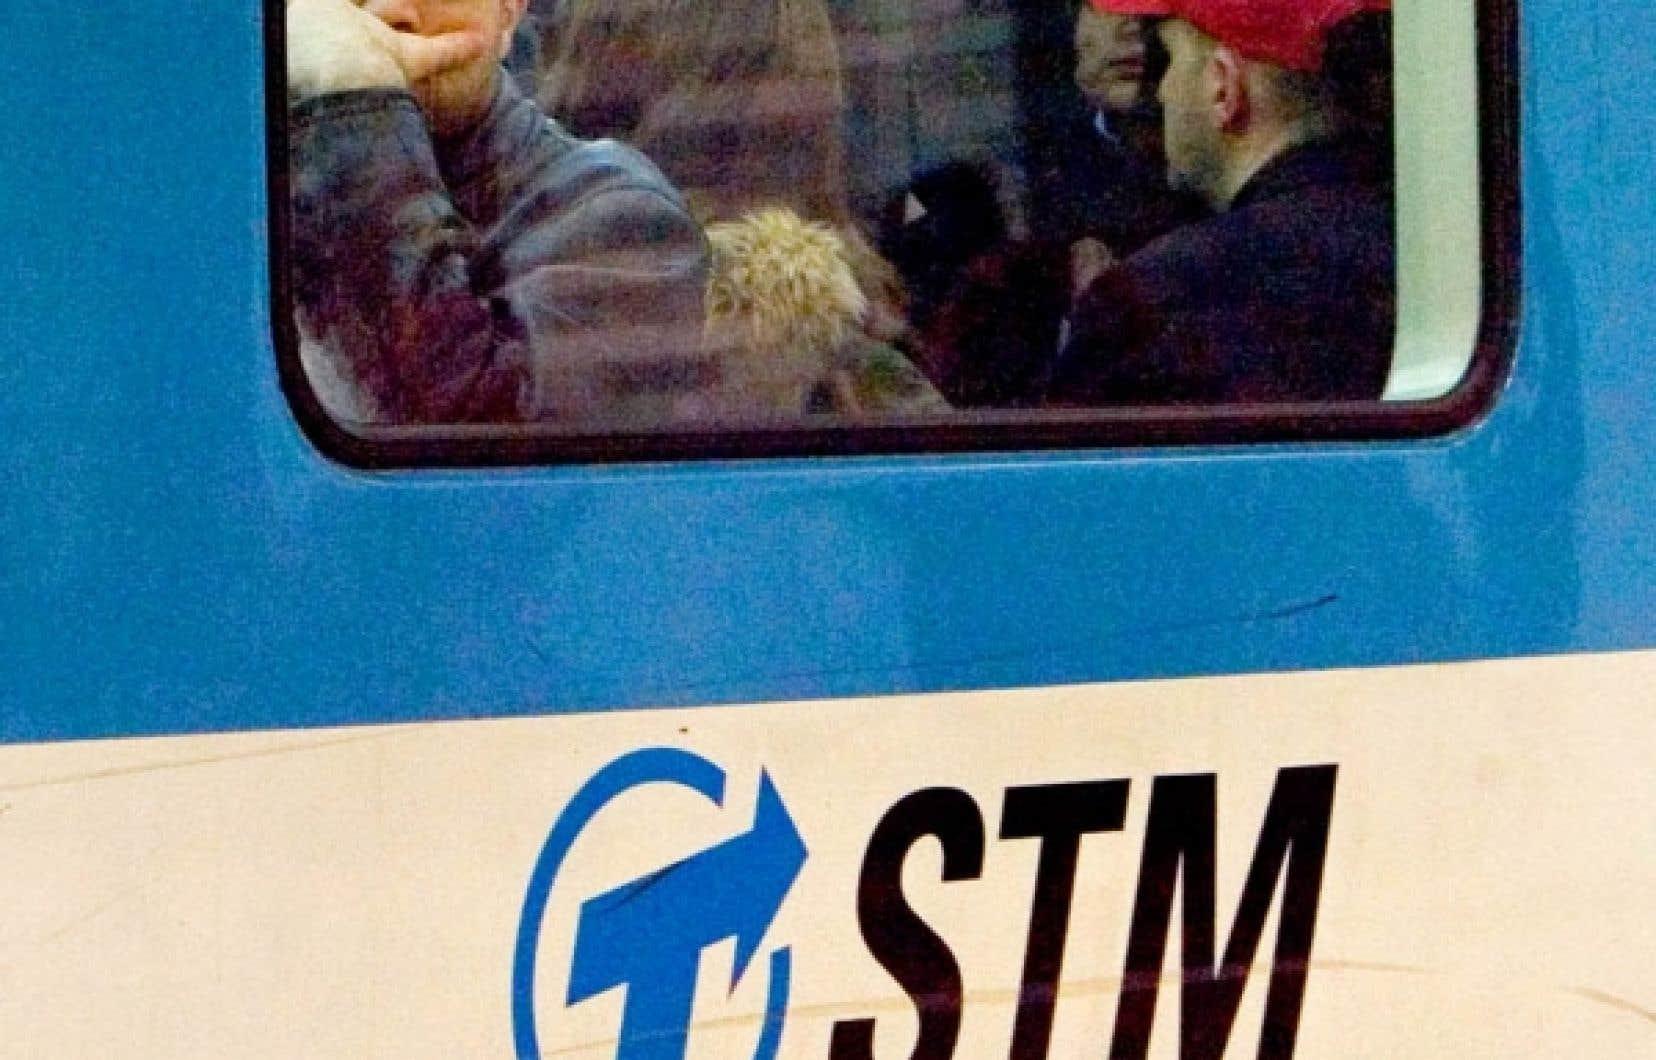 Il serait trop coûteux de changer de technologie pour le métro de Montréal, estime la STM.